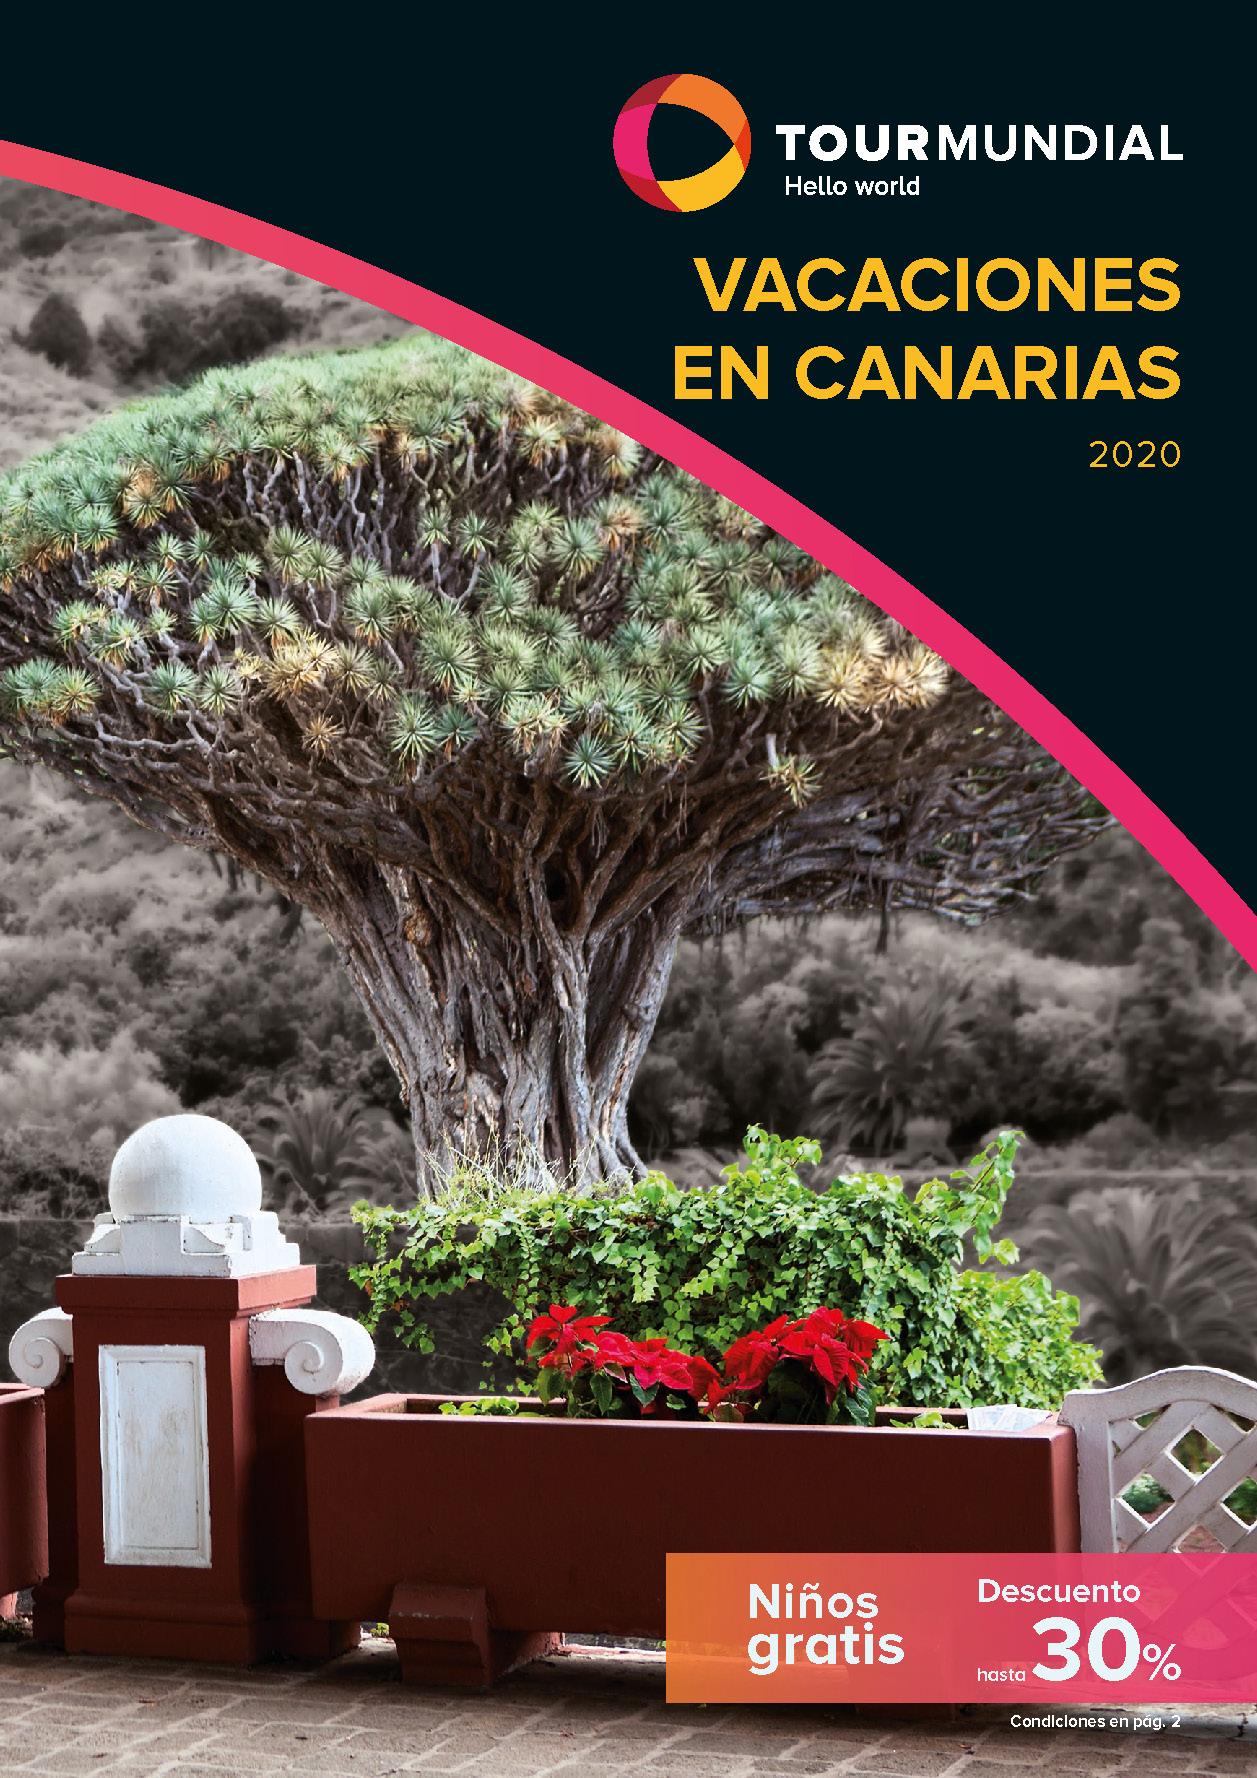 Catálogo Tourmundial Vacaciones en Canarias 2020